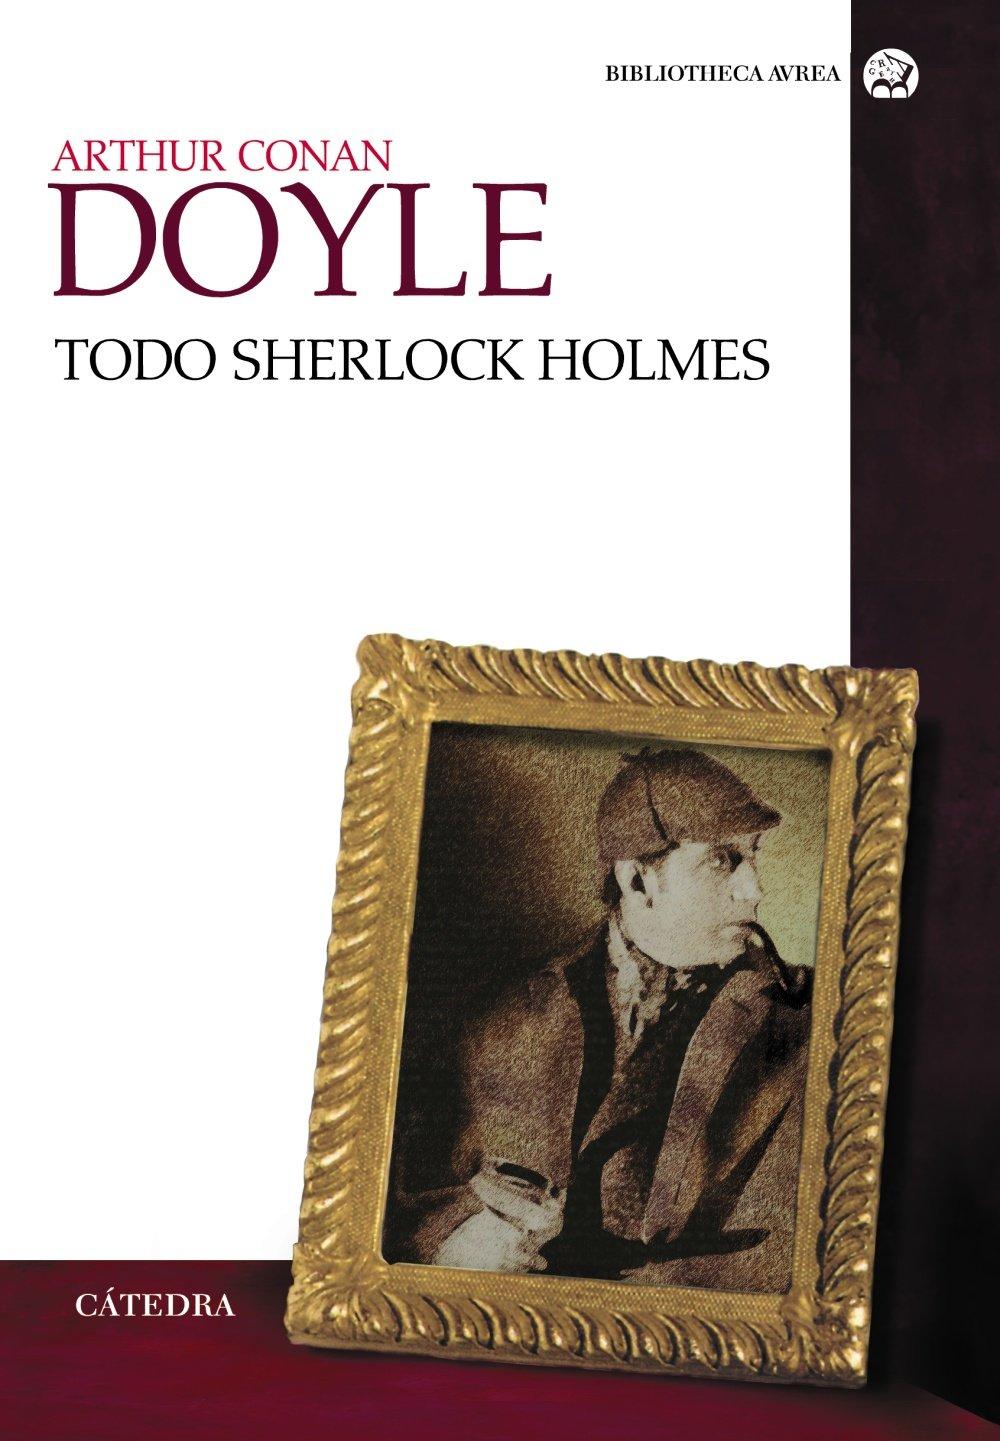 Todo Sherlock Holmes (Bibliotheca AVREA): Amazon.es: Doyle, Arthur Conan: Libros